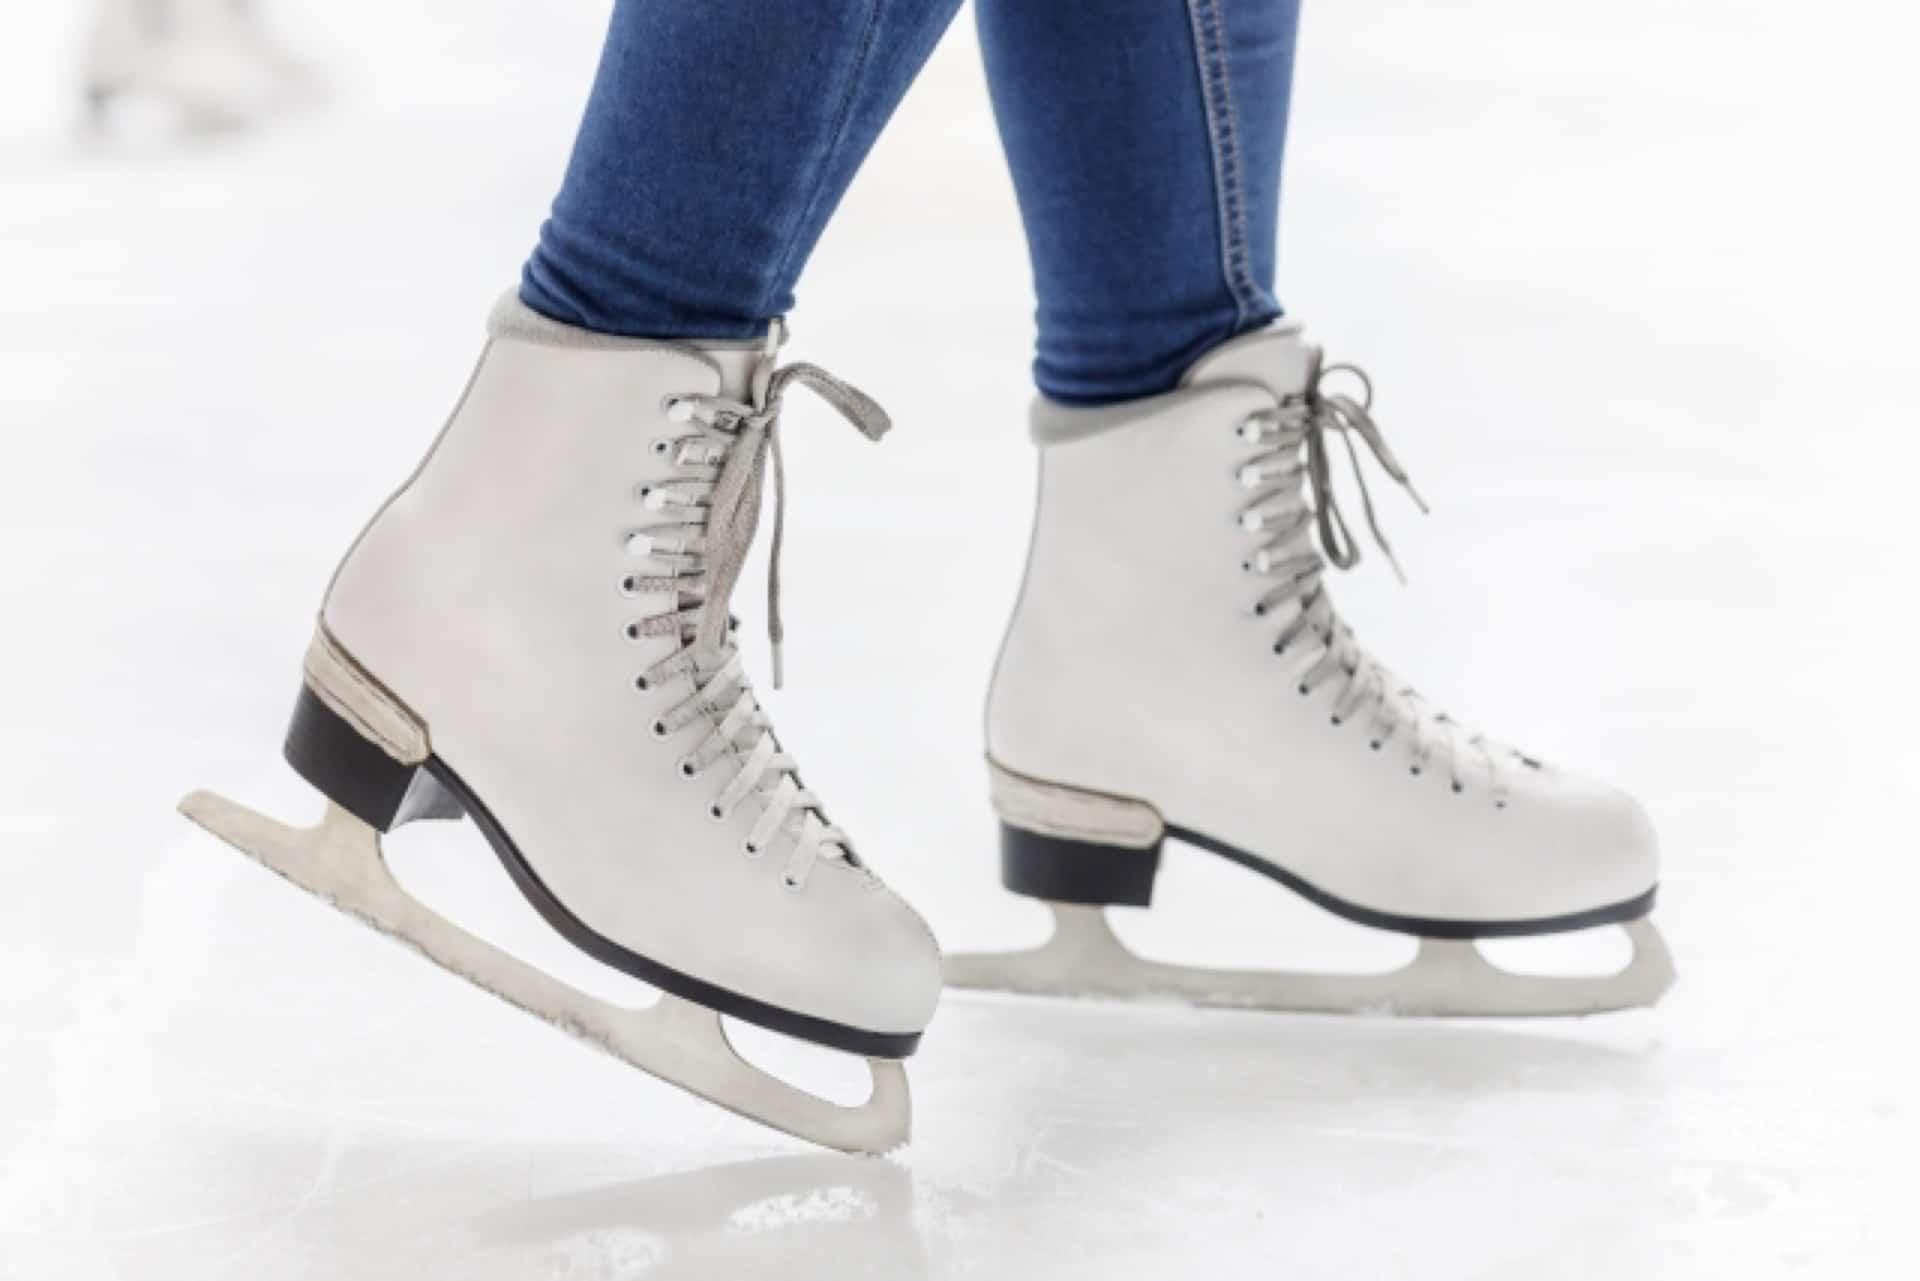 【2018年-2019年】神戸でアイススケートが楽しめるスポットはココ!近場で冬のスポーツを楽しもう♪